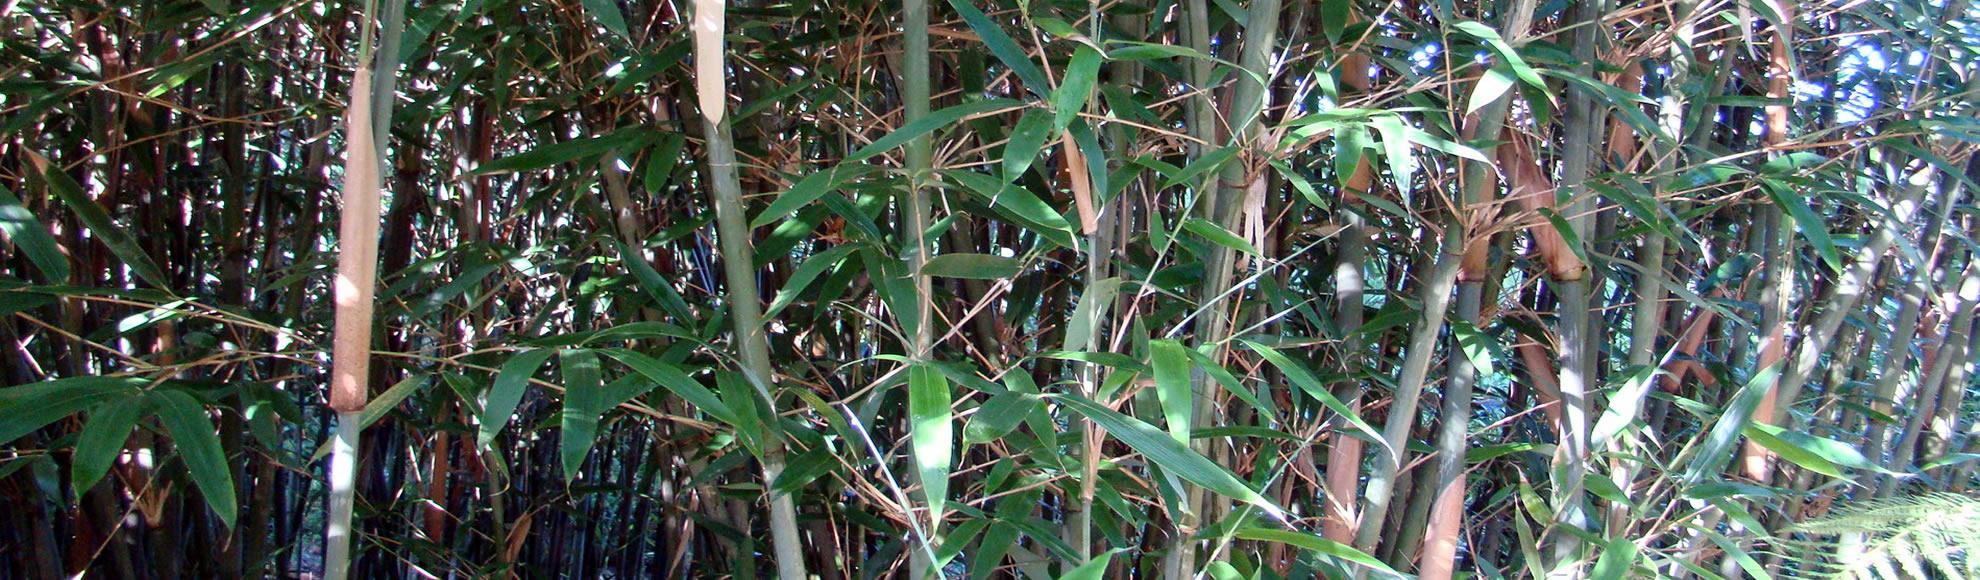 Bamboekwekerij